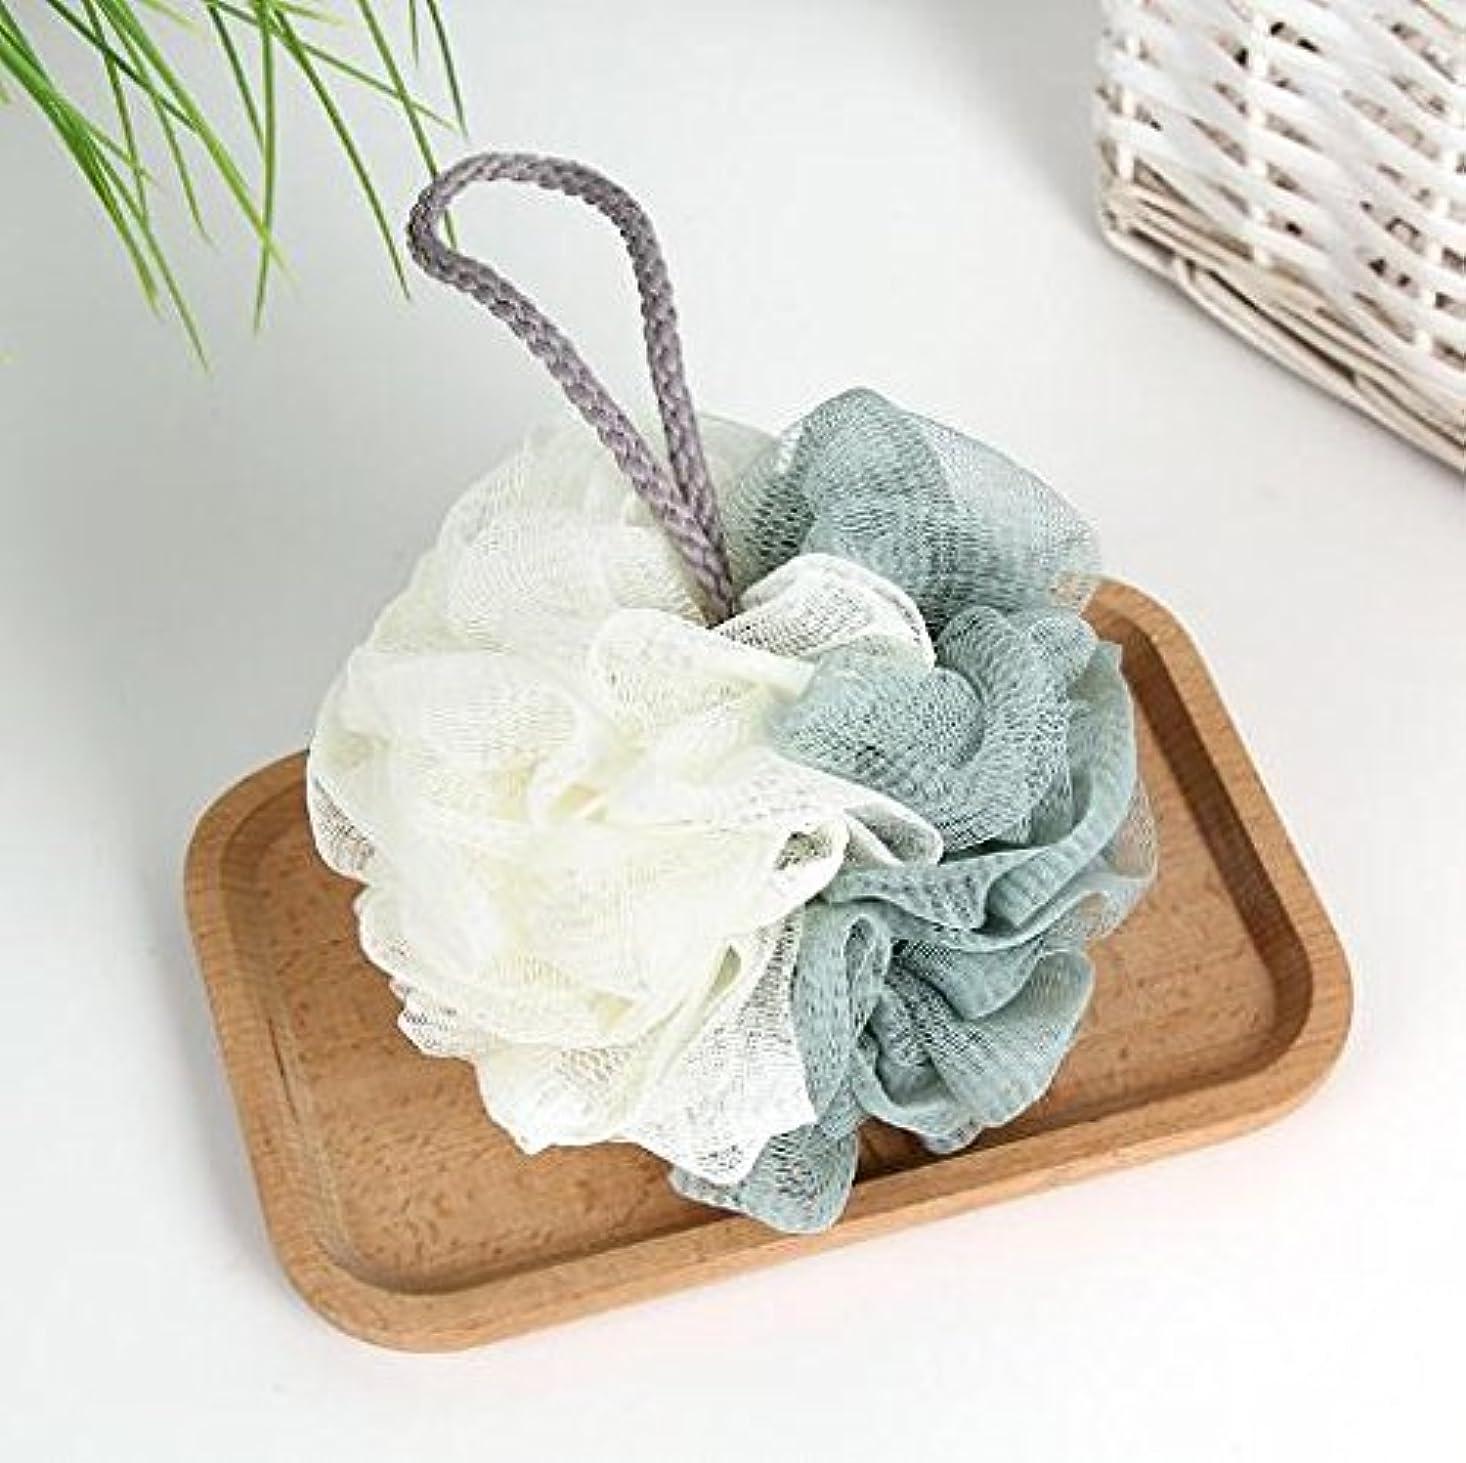 腐敗ぐったり郵便物Chinryou 泡立てネット ボディースポンジ 柔らかい 花形 お風呂用 ボールボディ用 シャボンボール 背中も洗える 泡肌美人 ふわわん (グリーン)